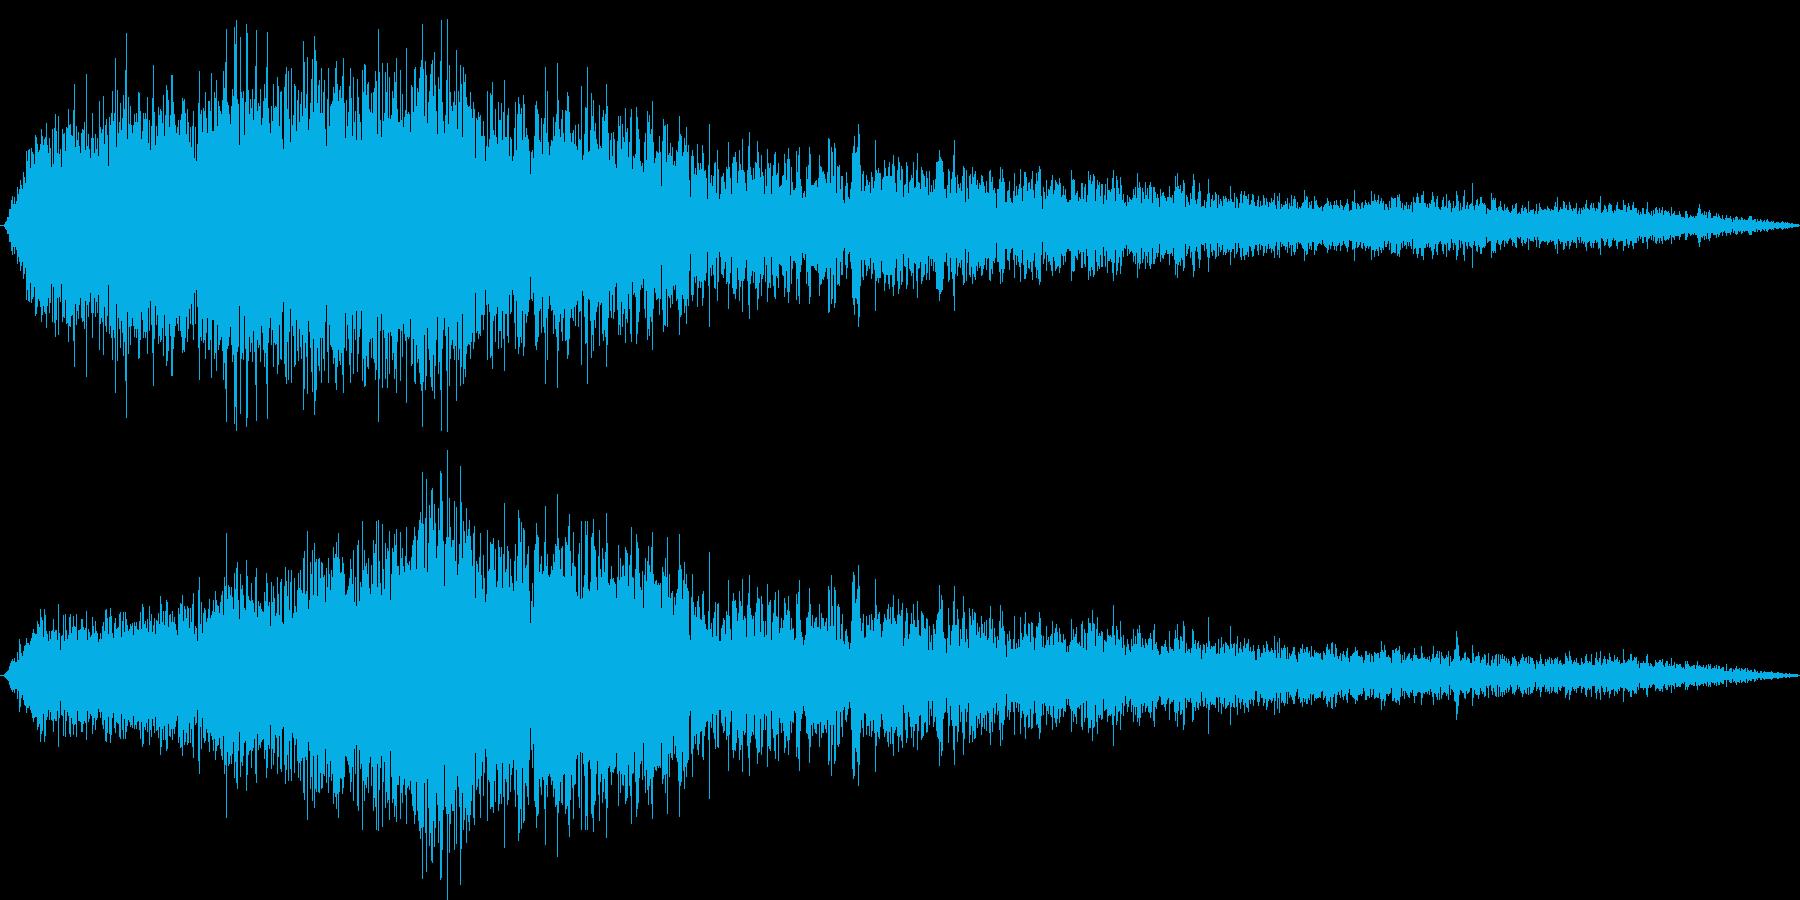 【環境音】飛行機の音03(羽田)の再生済みの波形